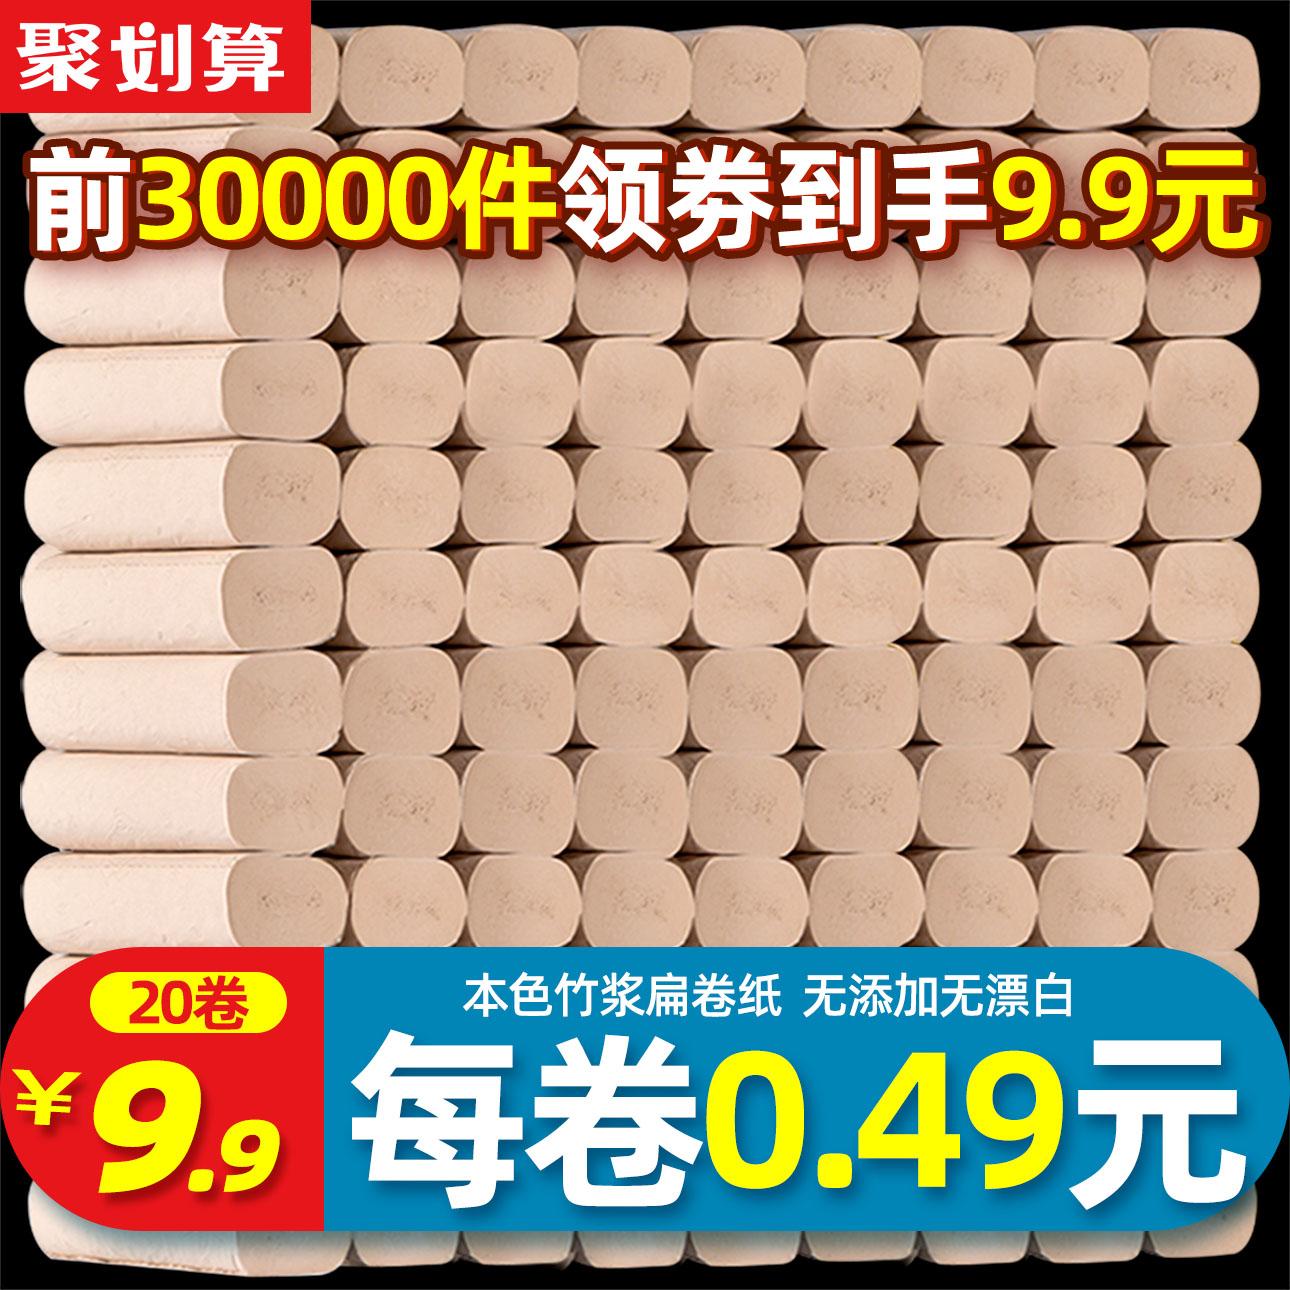 纯竹工坊本色竹浆家用厕纸巾卫生纸券后9.90元